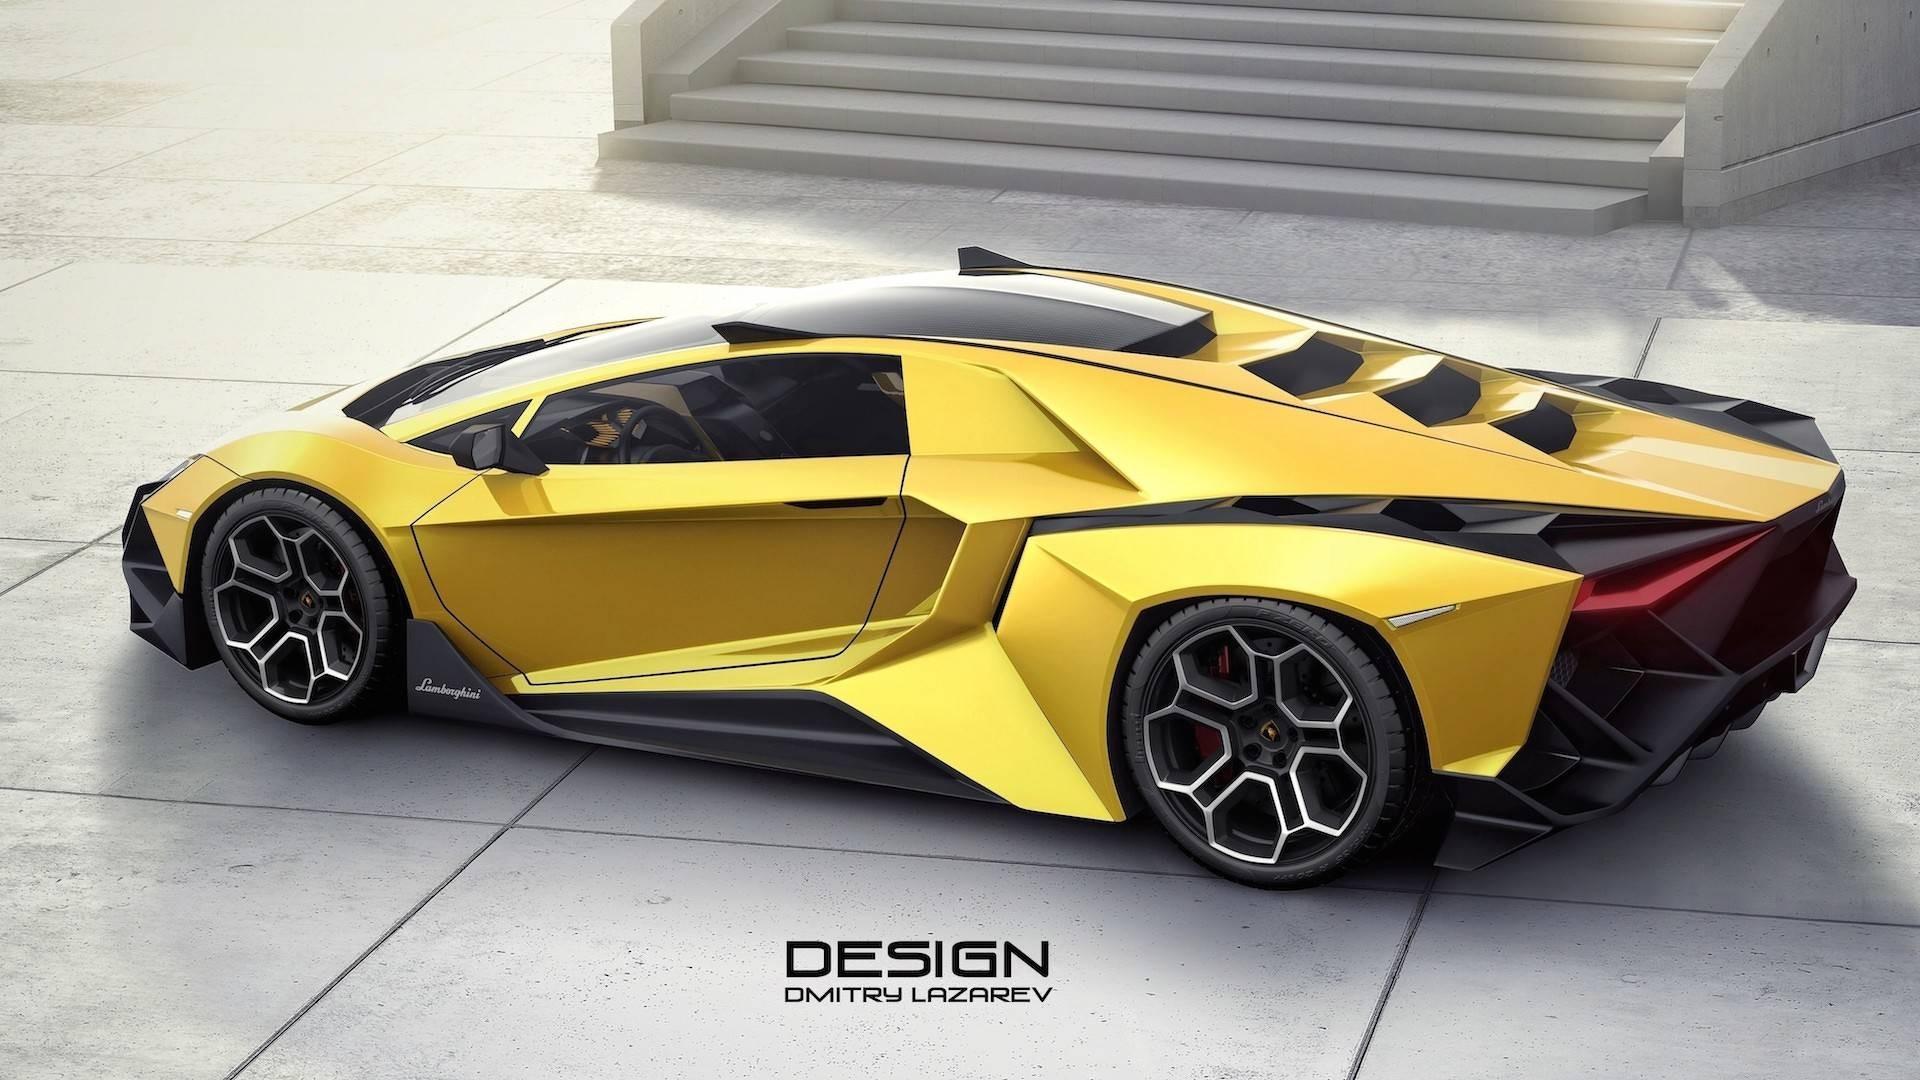 Российский дизайнер создал виртуальный концепт Lamborghini Forsennato